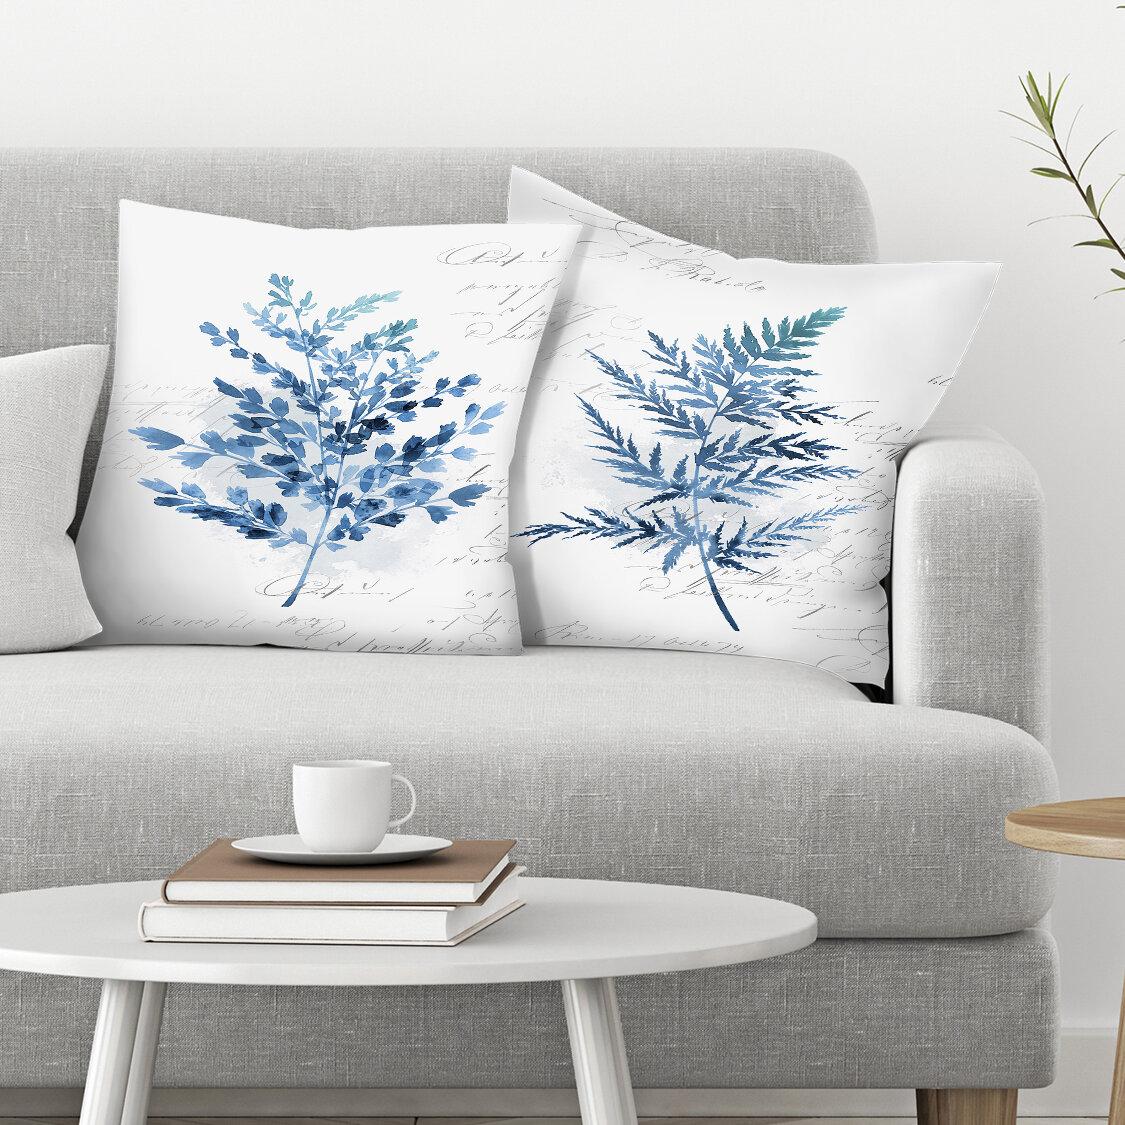 Floral Pillow Insert Throw Pillows You Ll Love In 2021 Wayfair